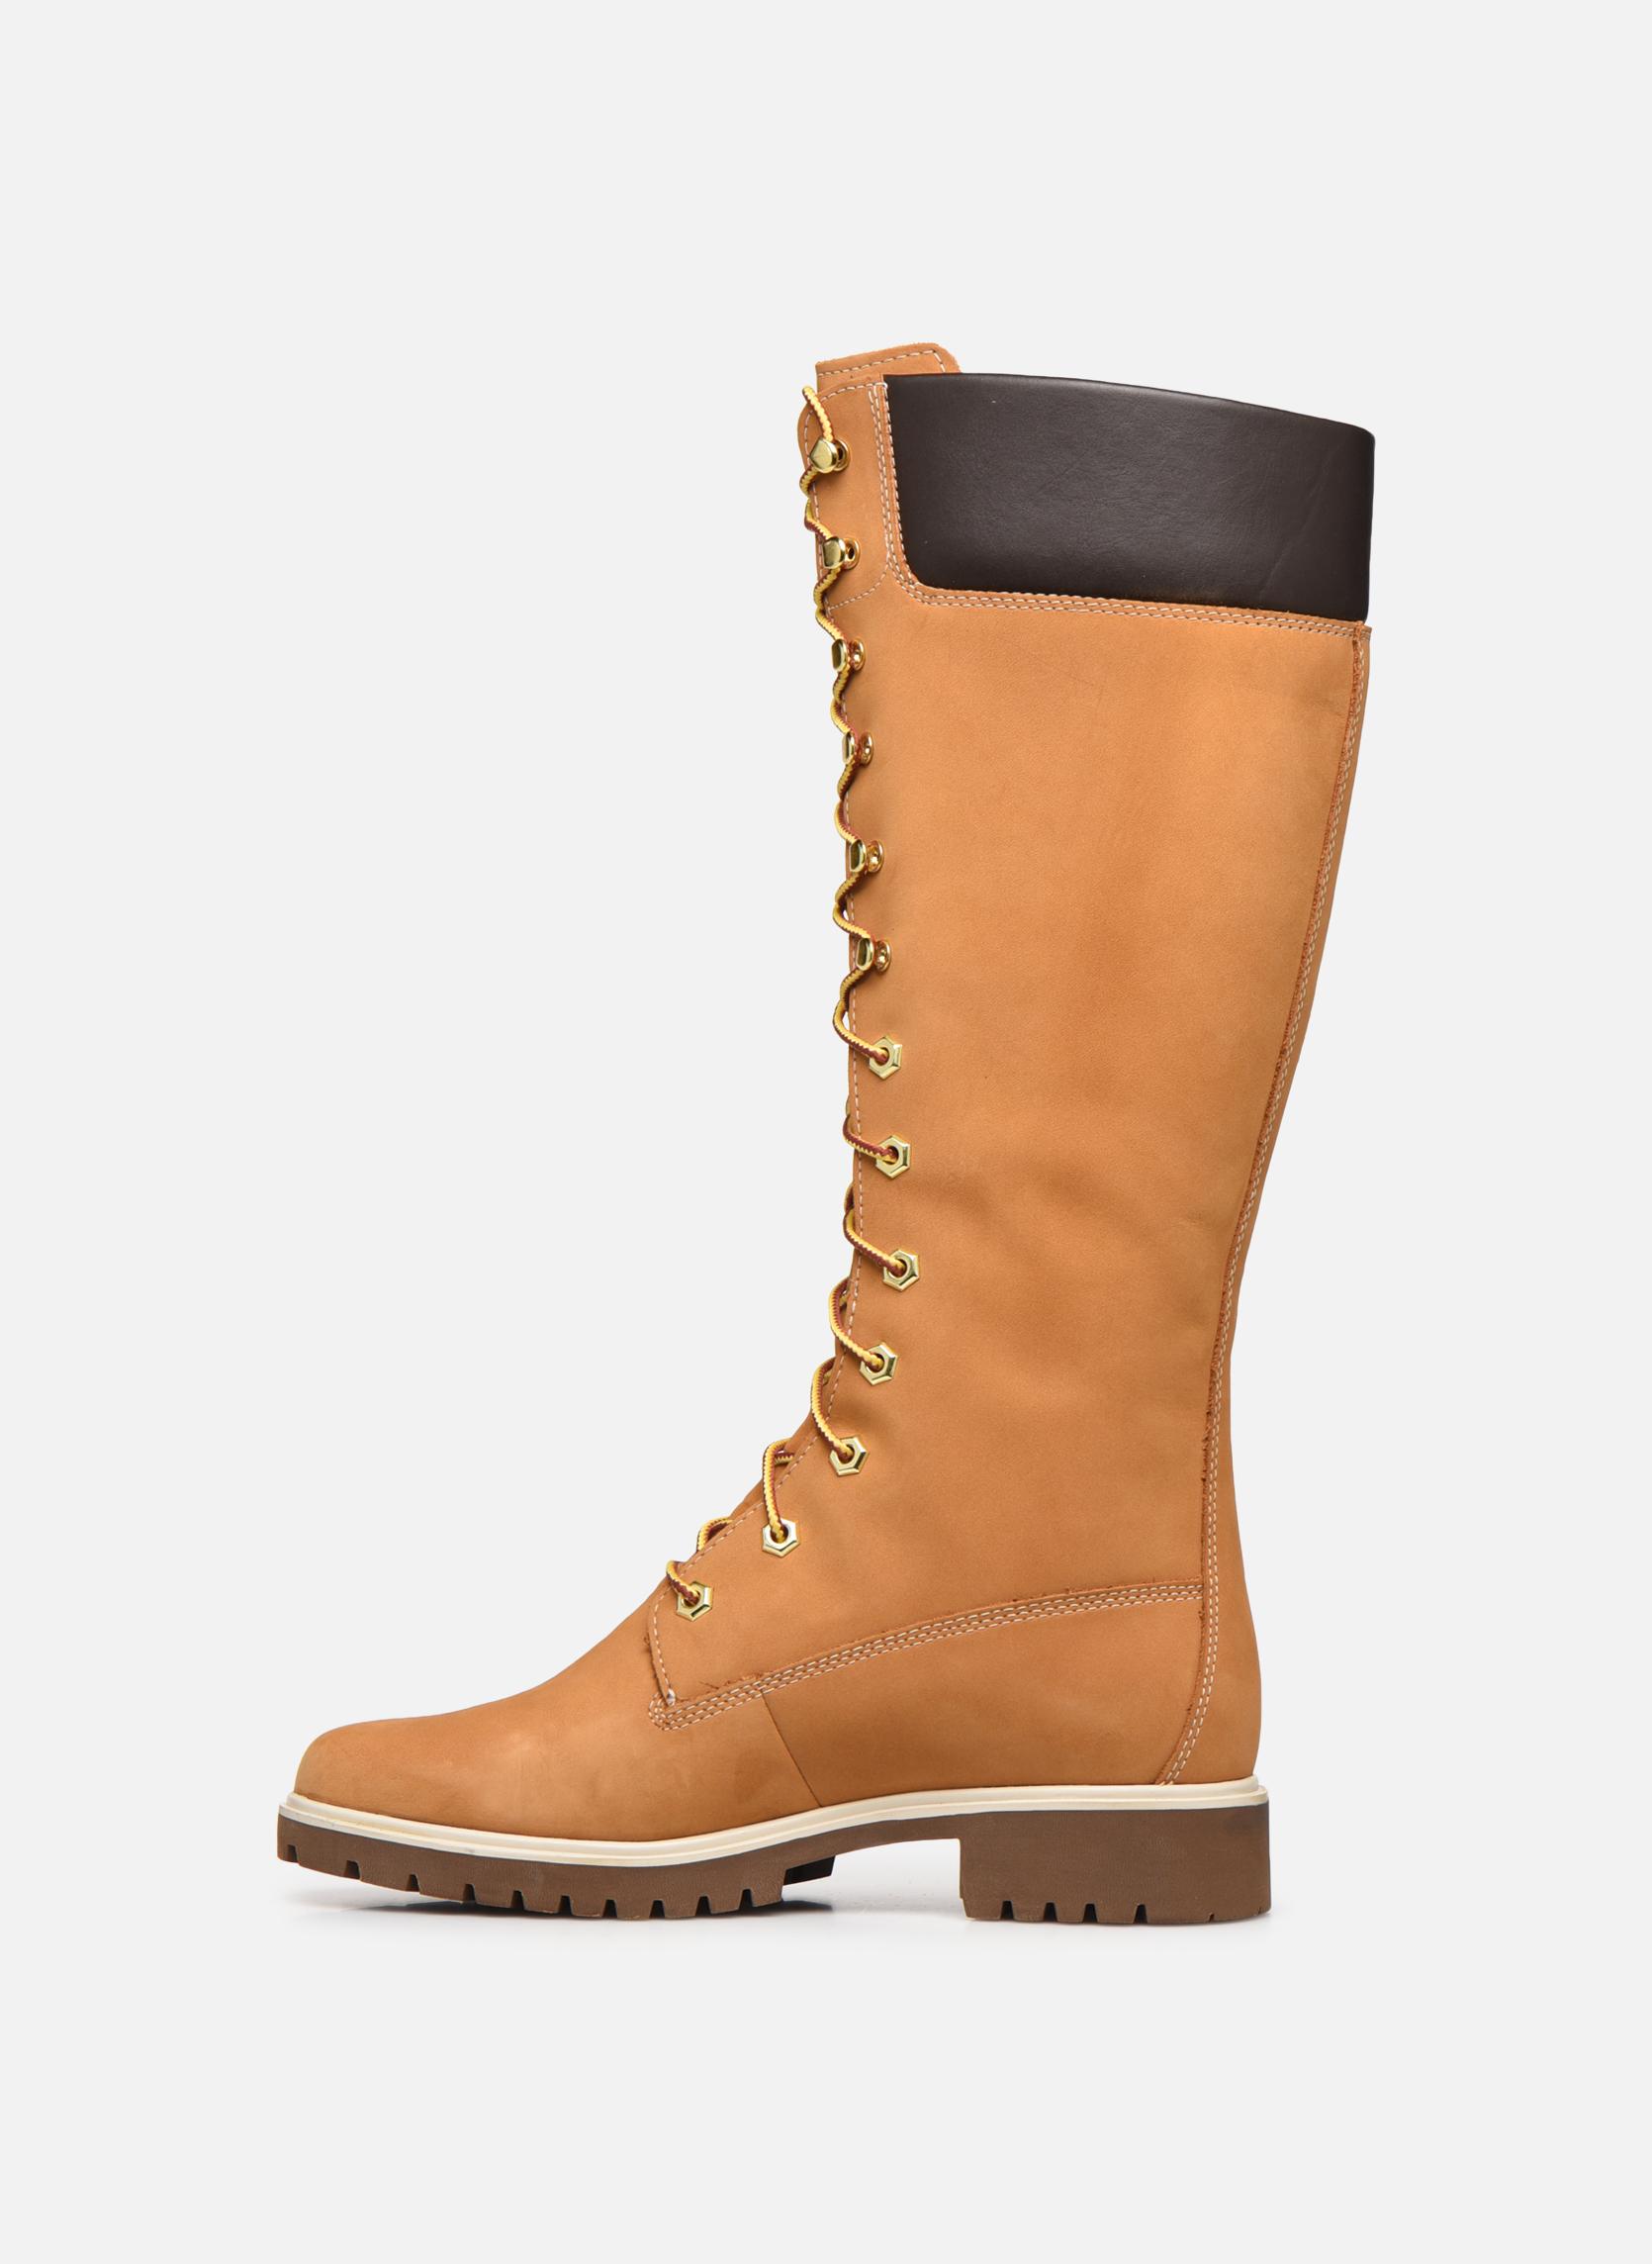 Stiefel Timberland Women's Premium 14 inch gelb ansicht von vorne